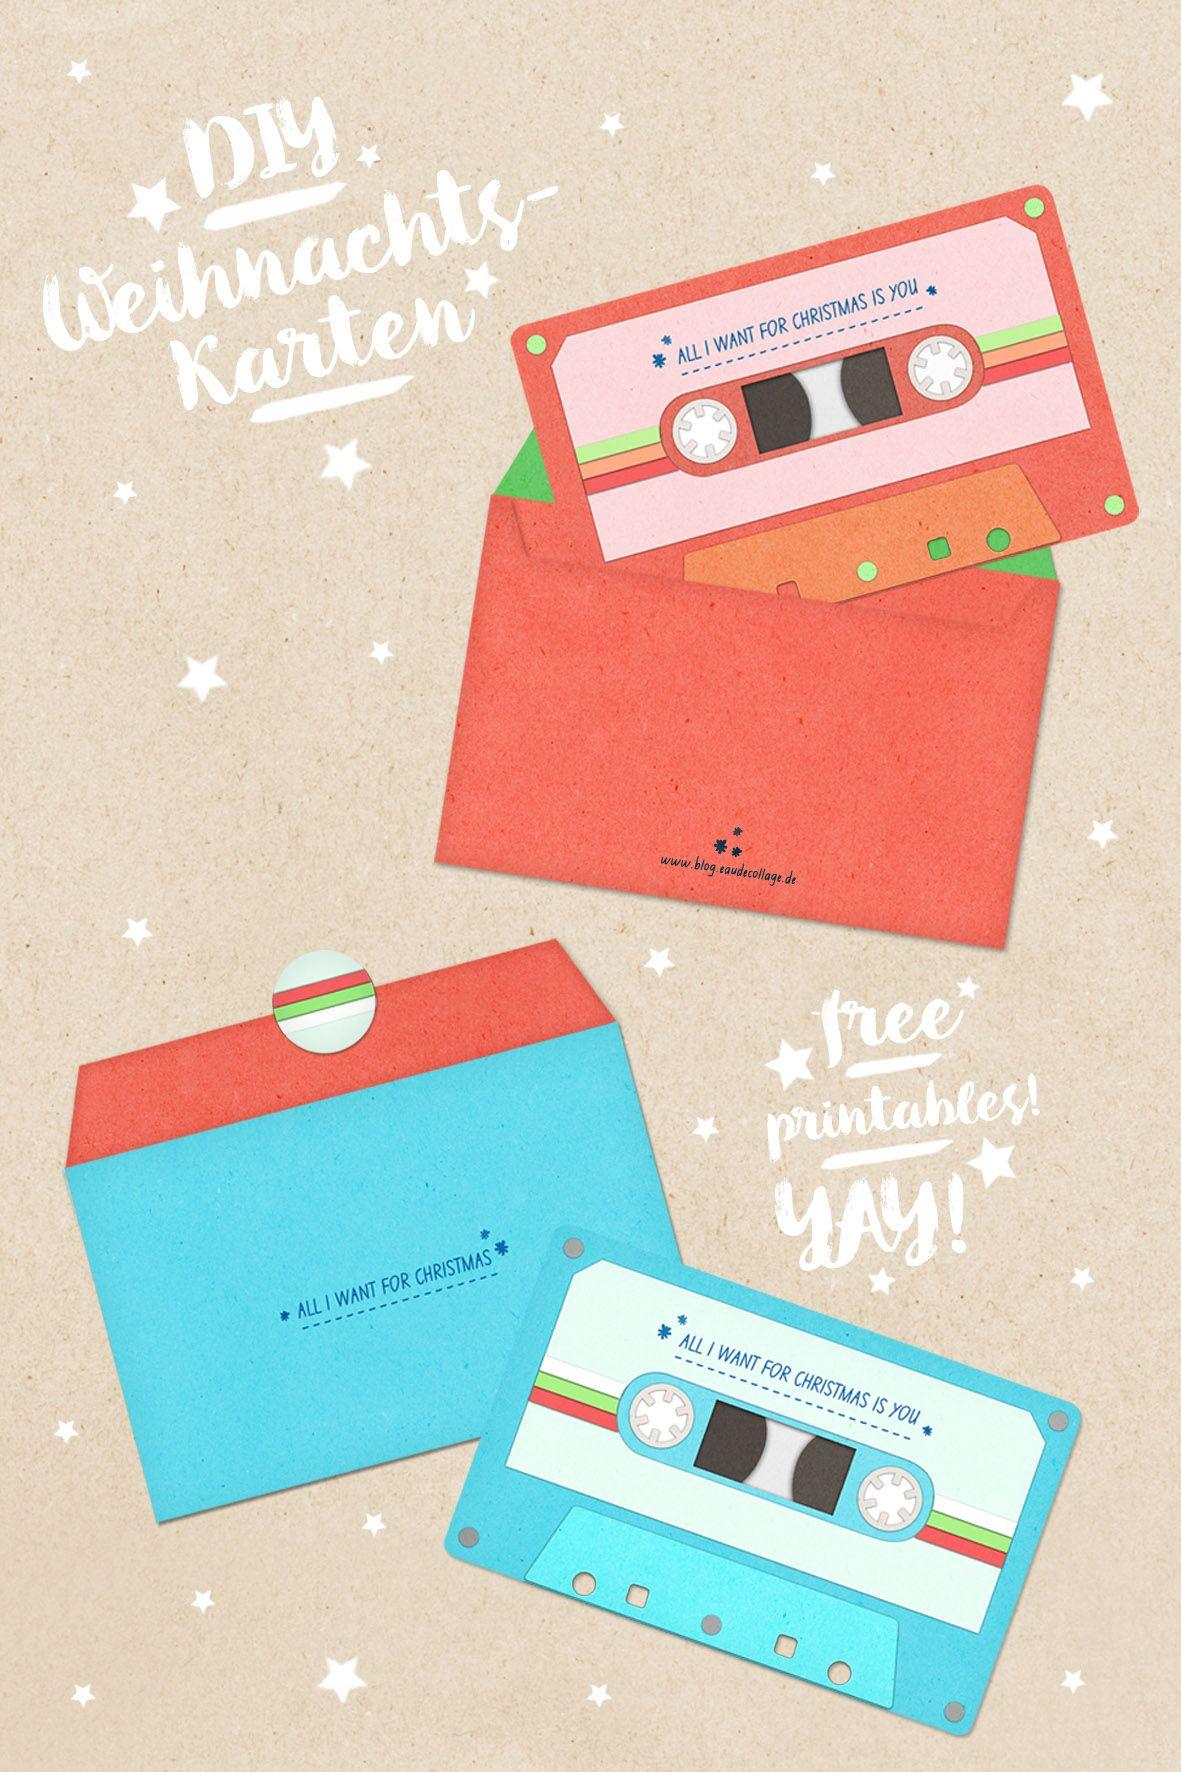 Astounding Weihnachtskarten Selbst Basteln Dekoration Von Diy Weihnachtskarte Retro-kassette *free Printable